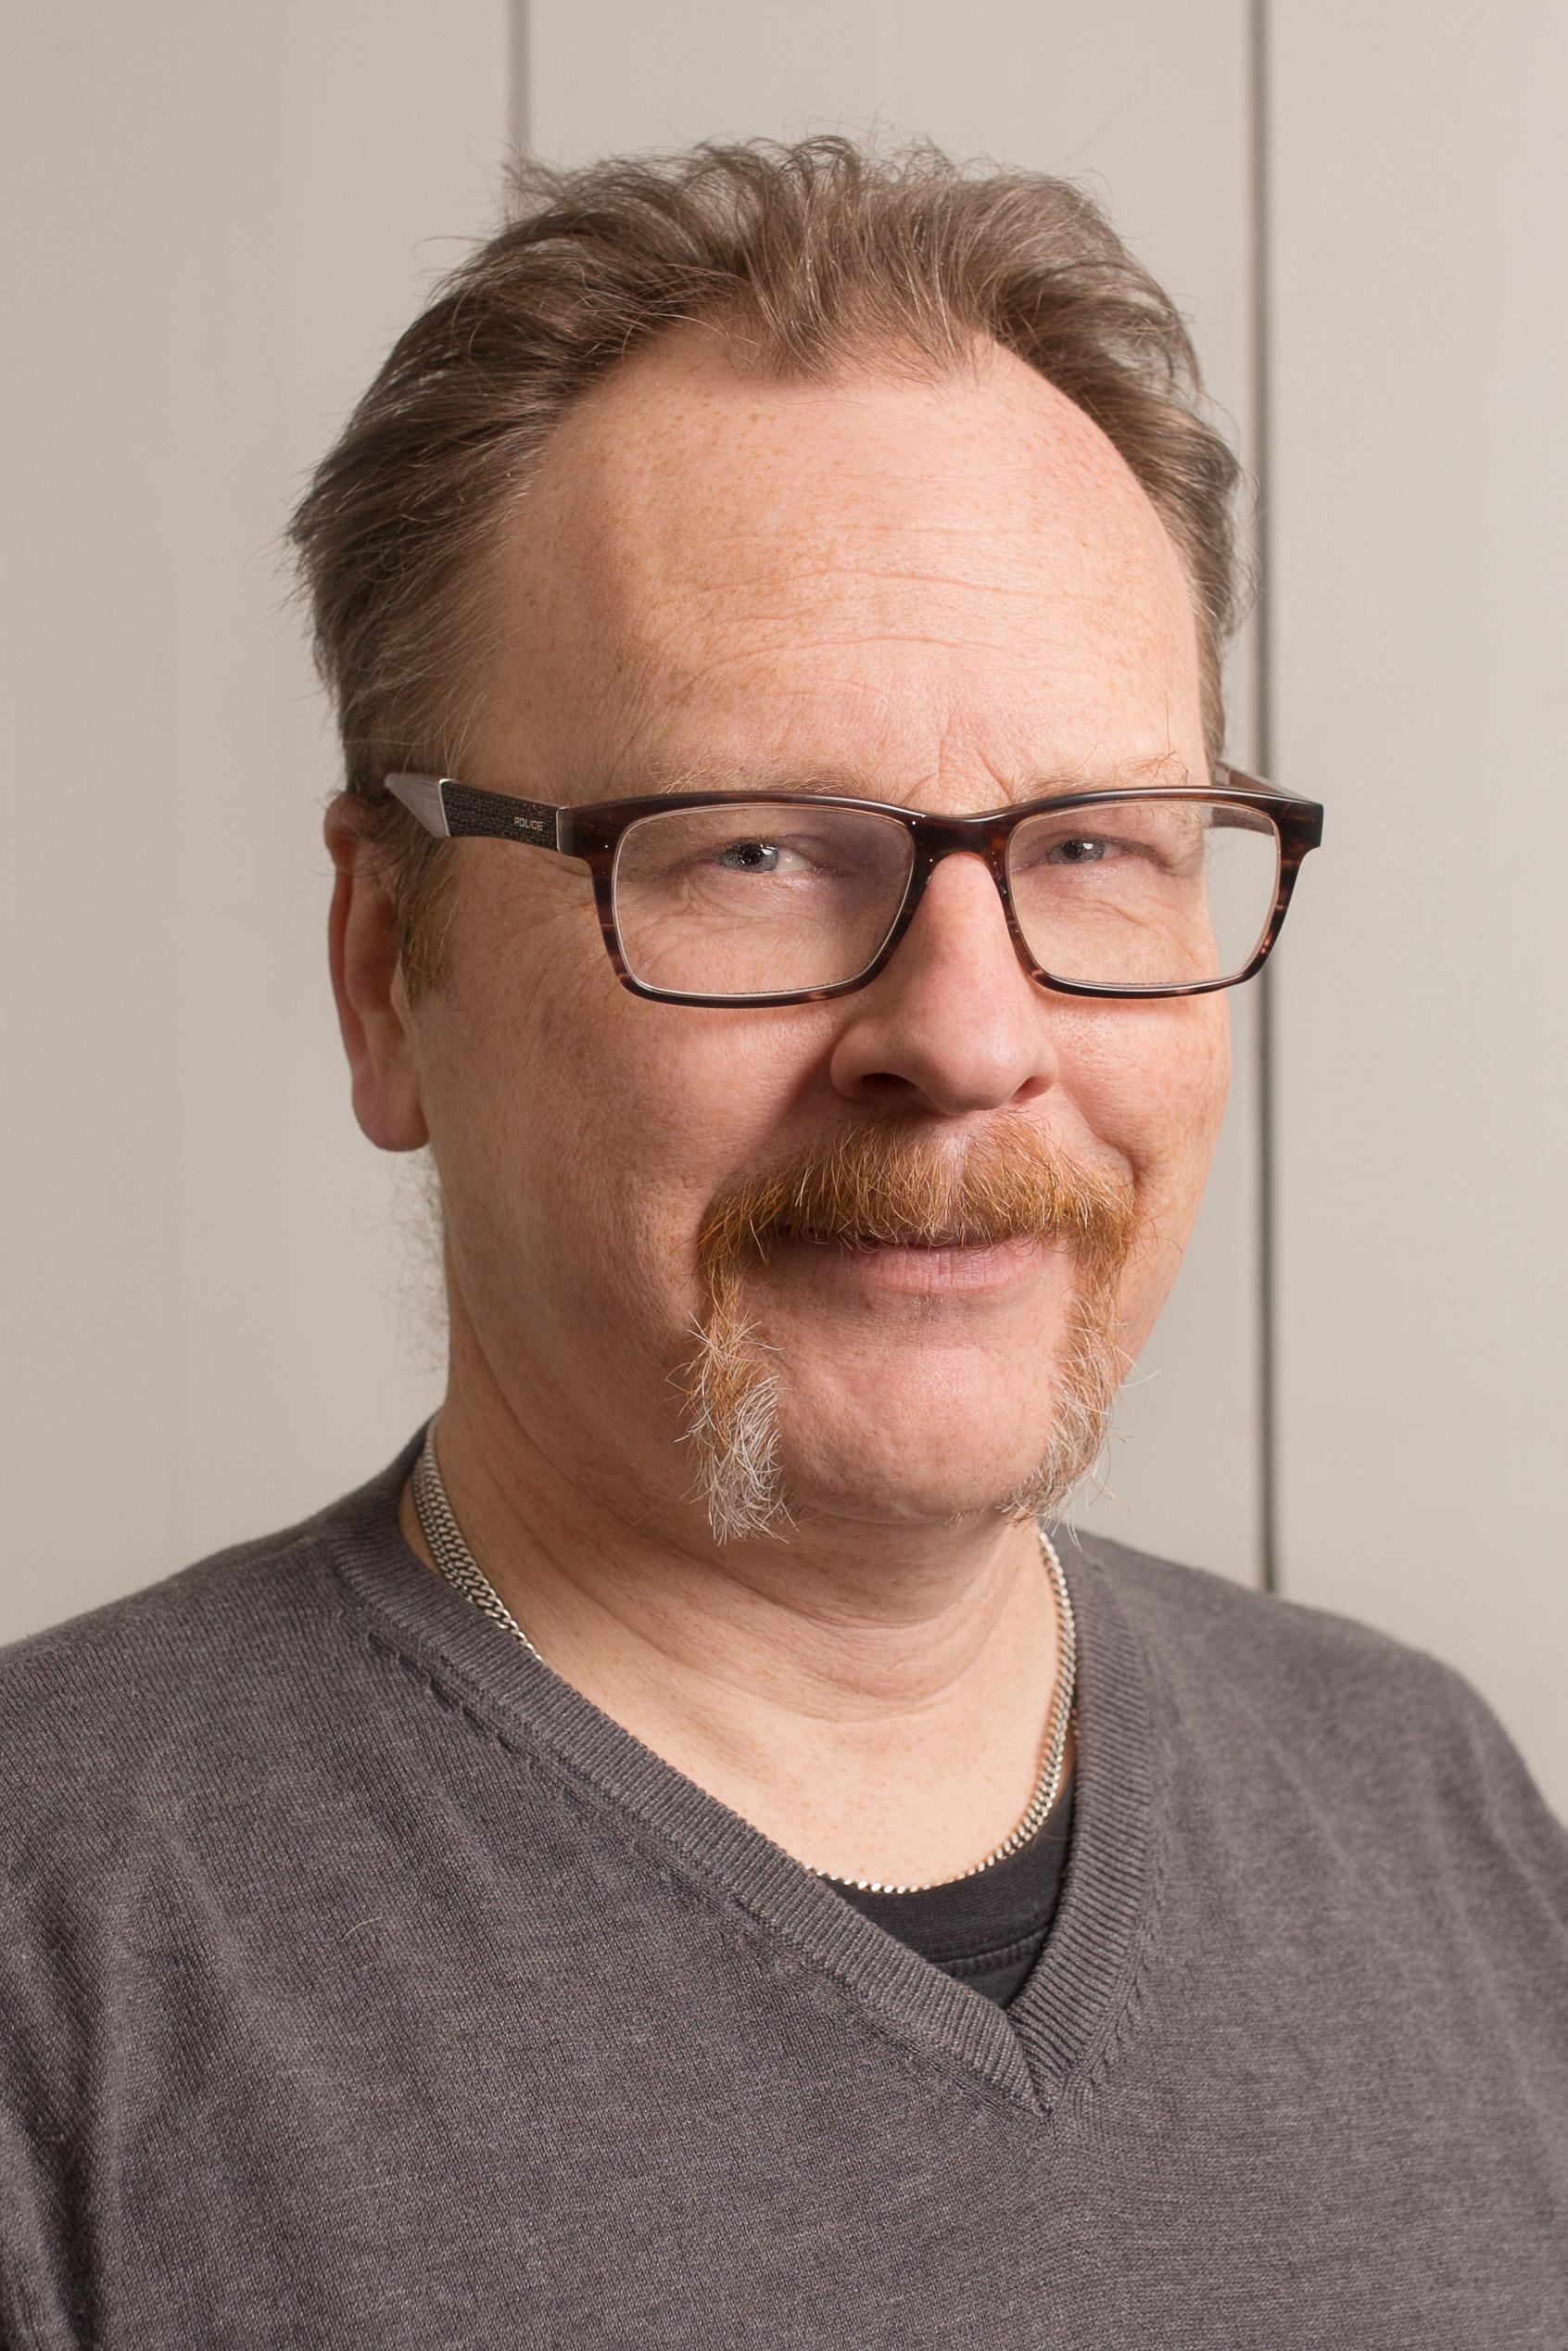 Michael Nordlander